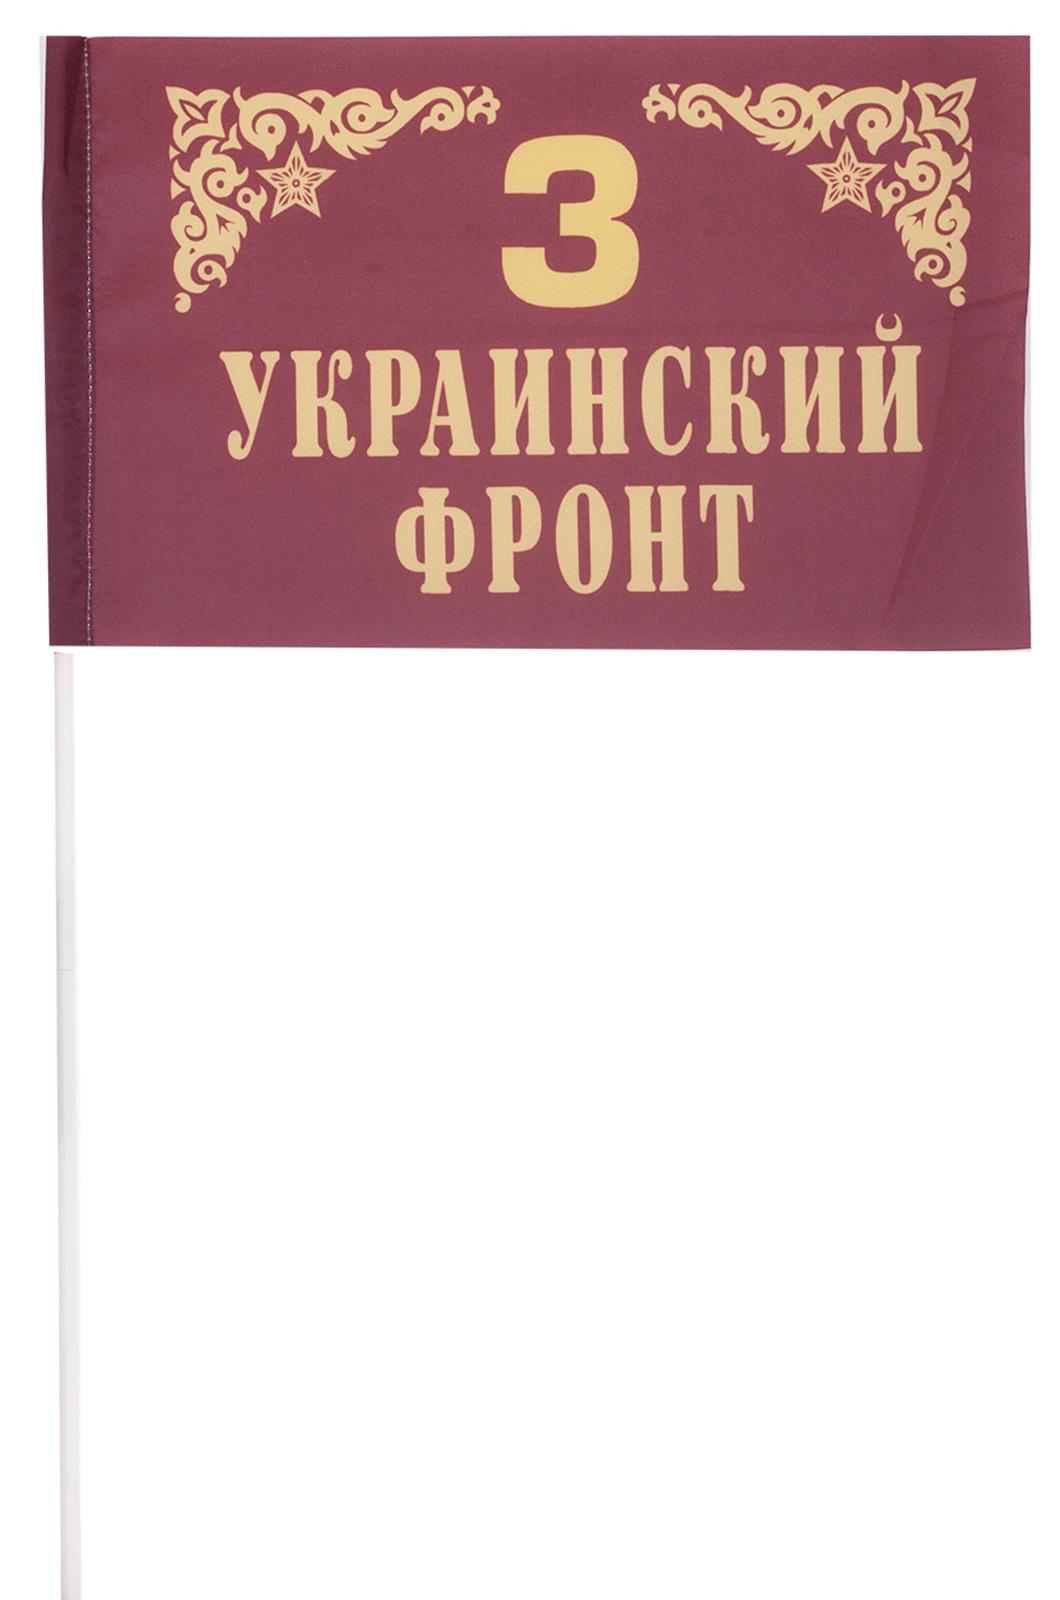 Флажок Третьего Украинского фронта